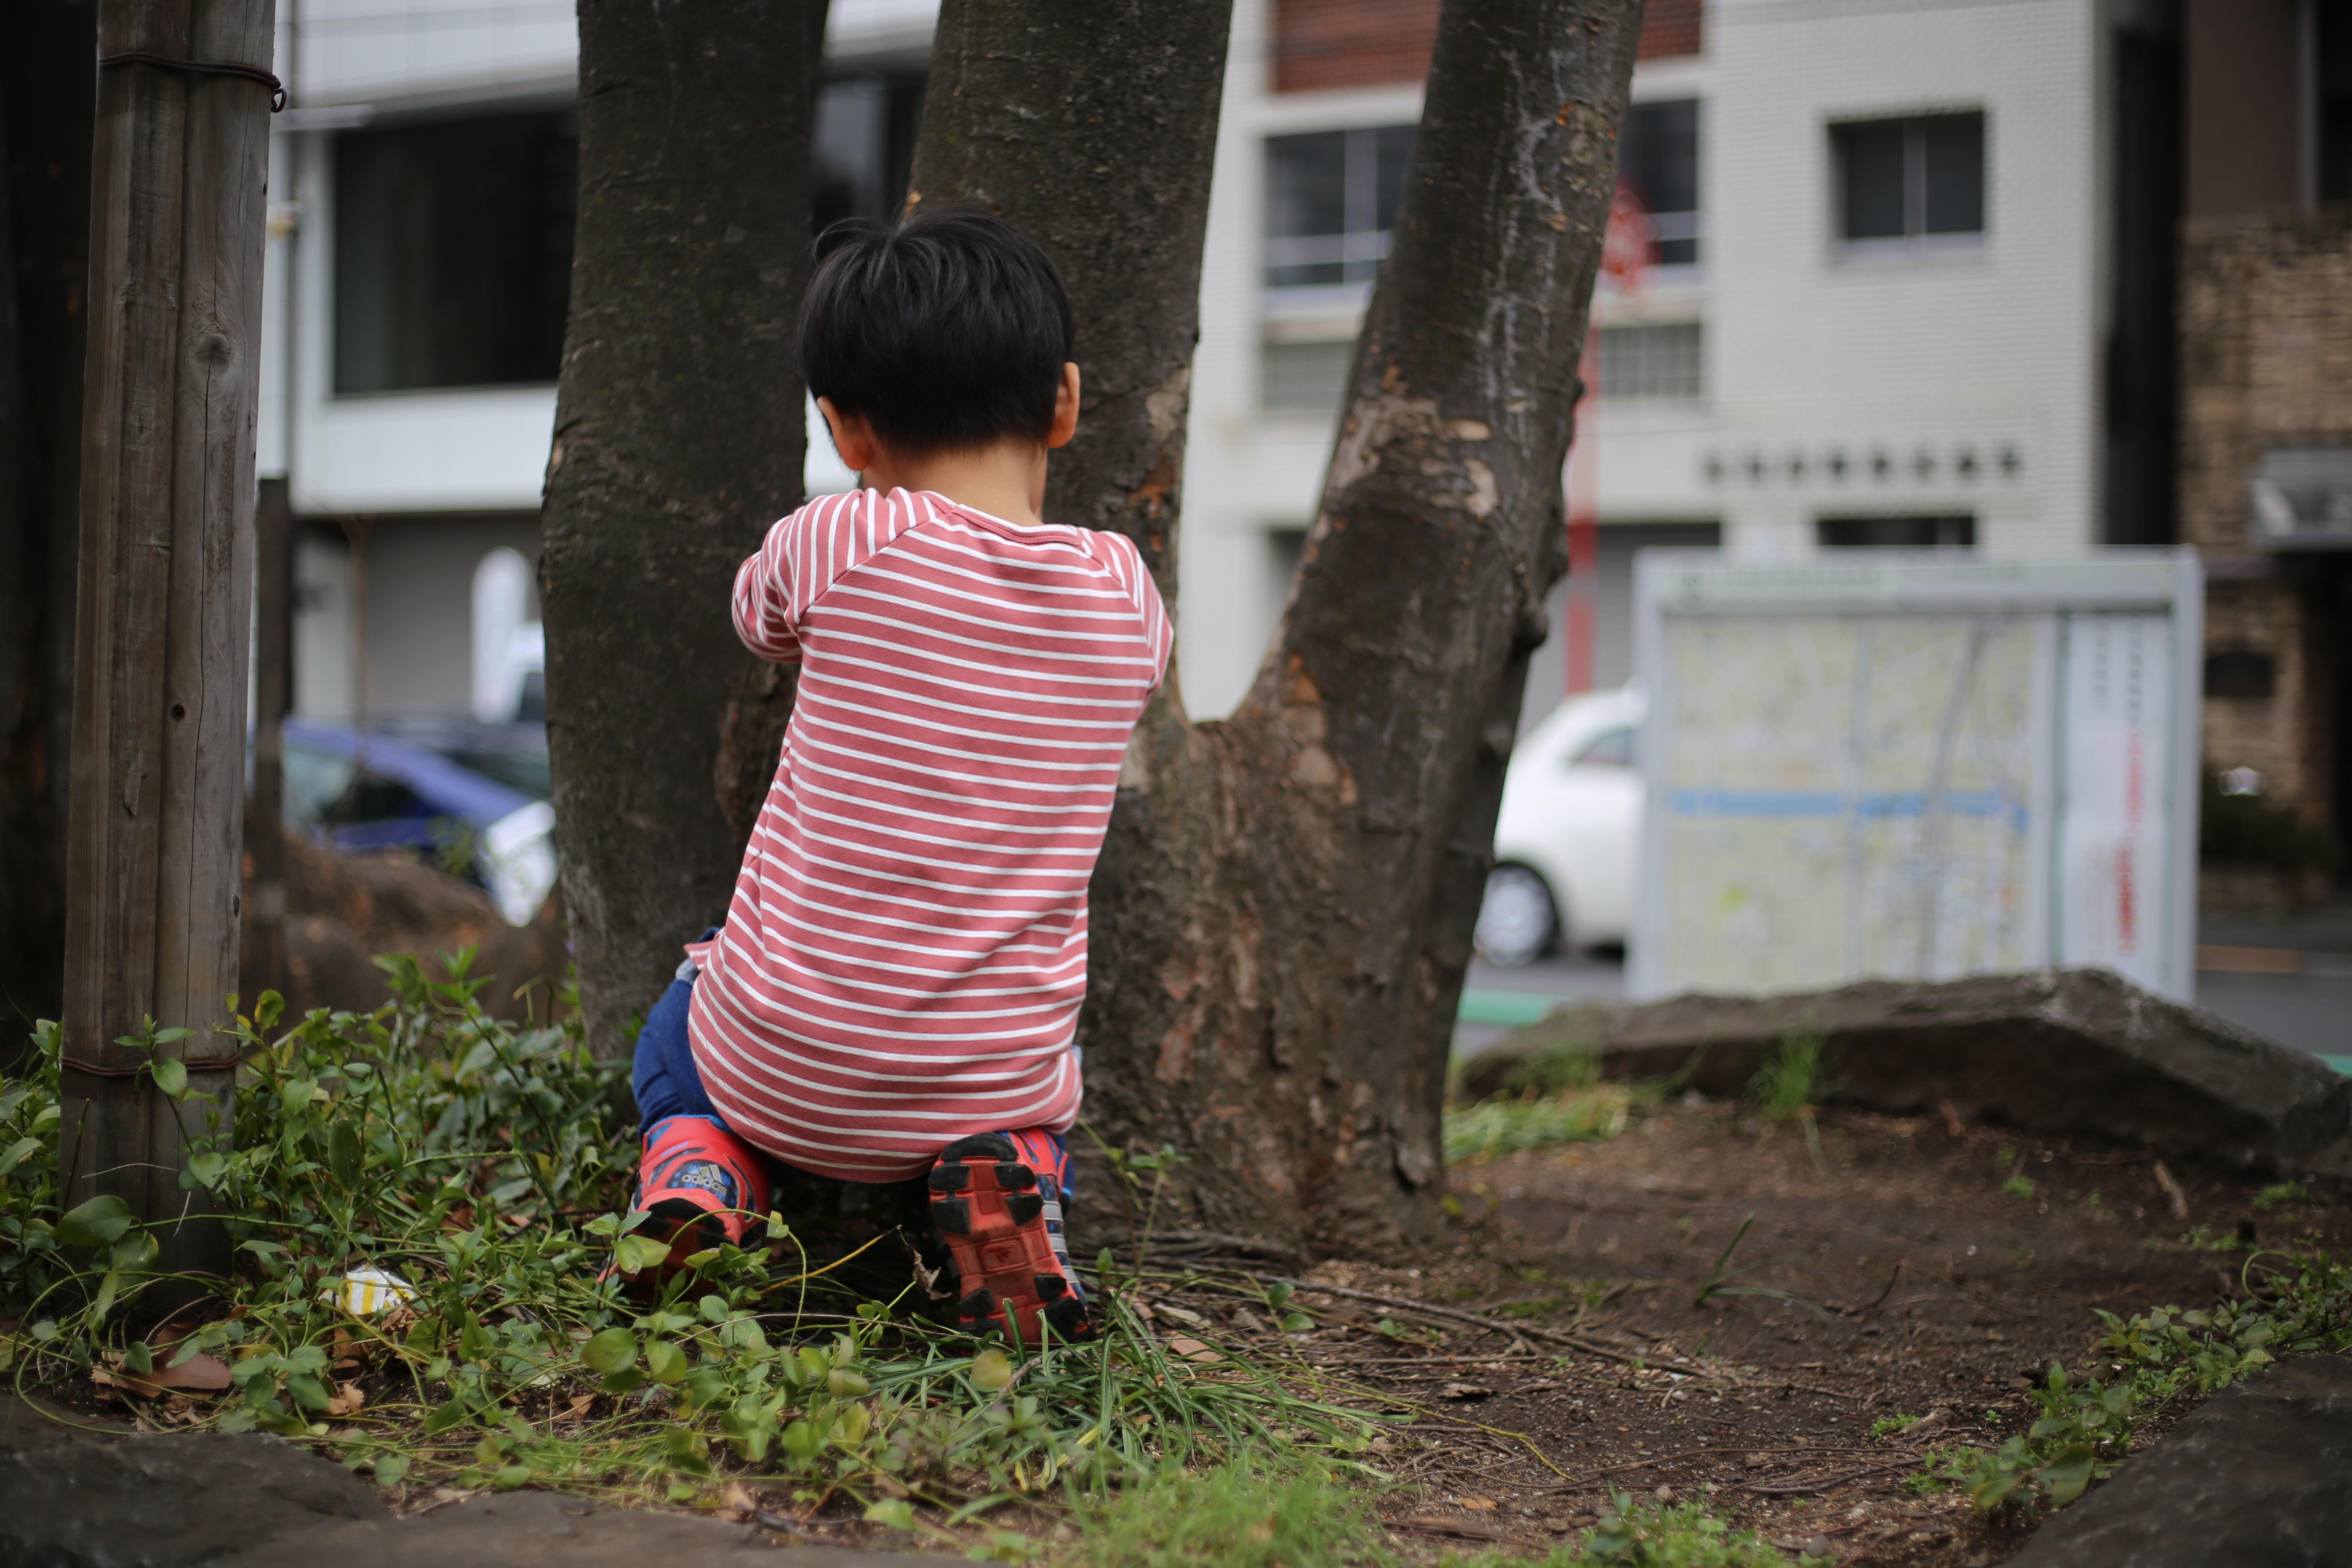 長男の習い事を迷い中 適齢期?親の負担?